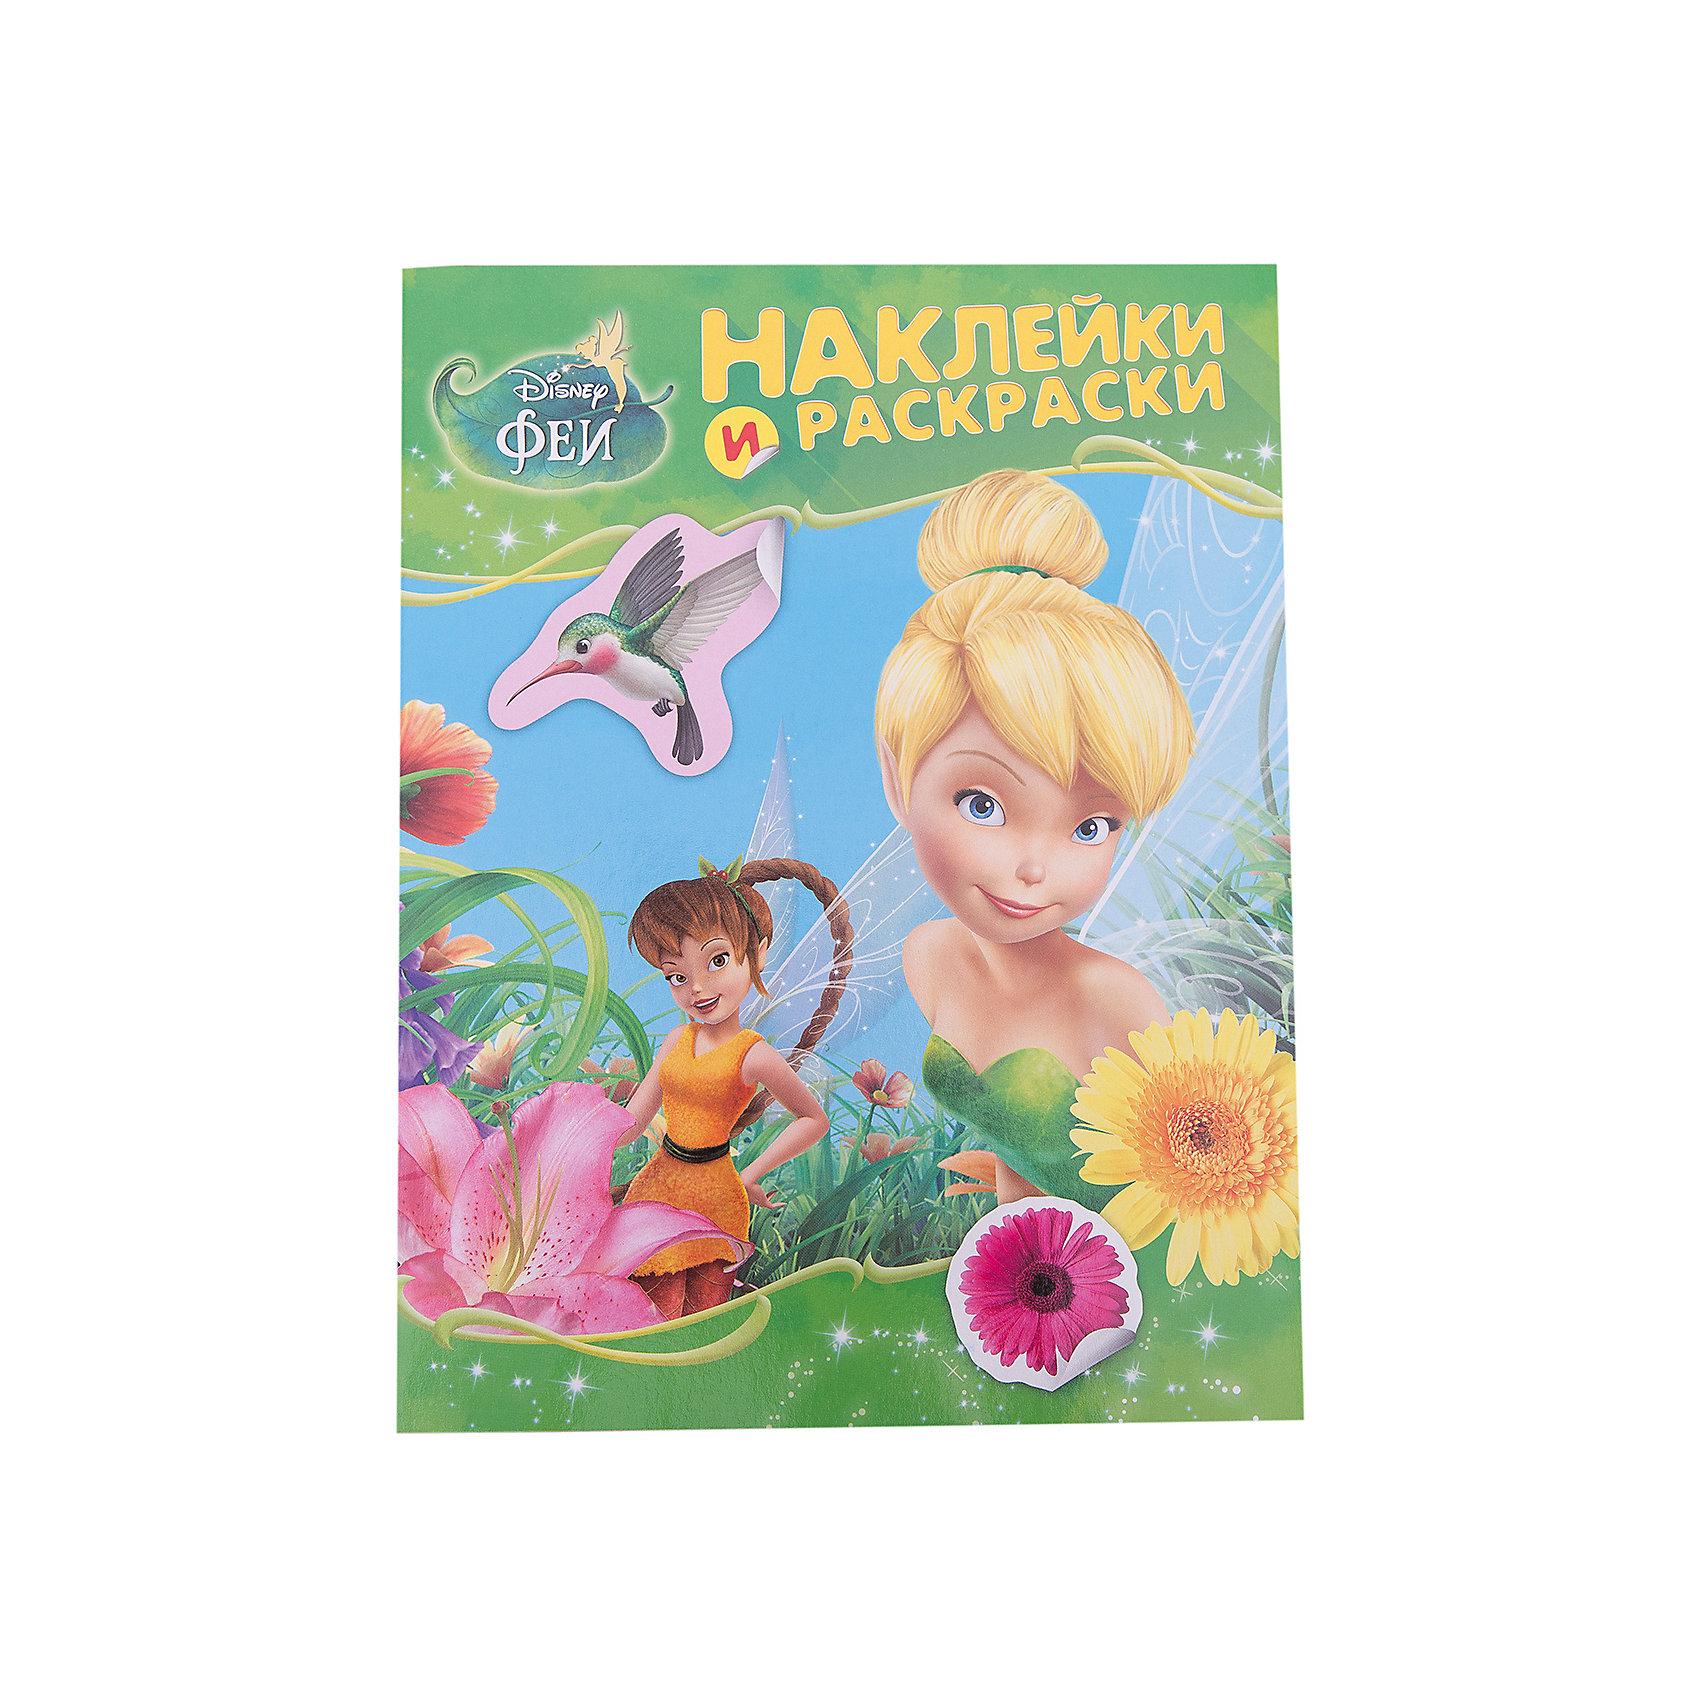 Наклейки и раскраски, ФеиХарактеристики товара:<br><br>- цвет: разноцветный;<br>- материал: бумага;<br>- количество страниц: 12;<br>- формат: 27,5 x 21,0 см;<br>- возраст: 0+;<br>- обложка: мягкая.<br><br>Новый сборник от издательства Росмэн - уникальная книга для развития детей. В отличие от обычных раскрасок, где малыш выбирает цвета по образцу, данное издание содержит похожие картинки и предлагает ребенку сделать их одинаковыми с помощью стикеров, тем самым развивая внимательность. Кроме этого, картинки можно раскрашивать самостоятельно. Все материалы, использованные при производстве издания, соответствуют всем стандартам качества и безопасности. <br><br>Издание Наклейки и раскраски, Феи от компании Росмэн можно приобрести в нашем интернет-магазине.<br><br>Ширина мм: 275<br>Глубина мм: 213<br>Высота мм: 2<br>Вес г: 80<br>Возраст от месяцев: 0<br>Возраст до месяцев: 36<br>Пол: Женский<br>Возраст: Детский<br>SKU: 5109842